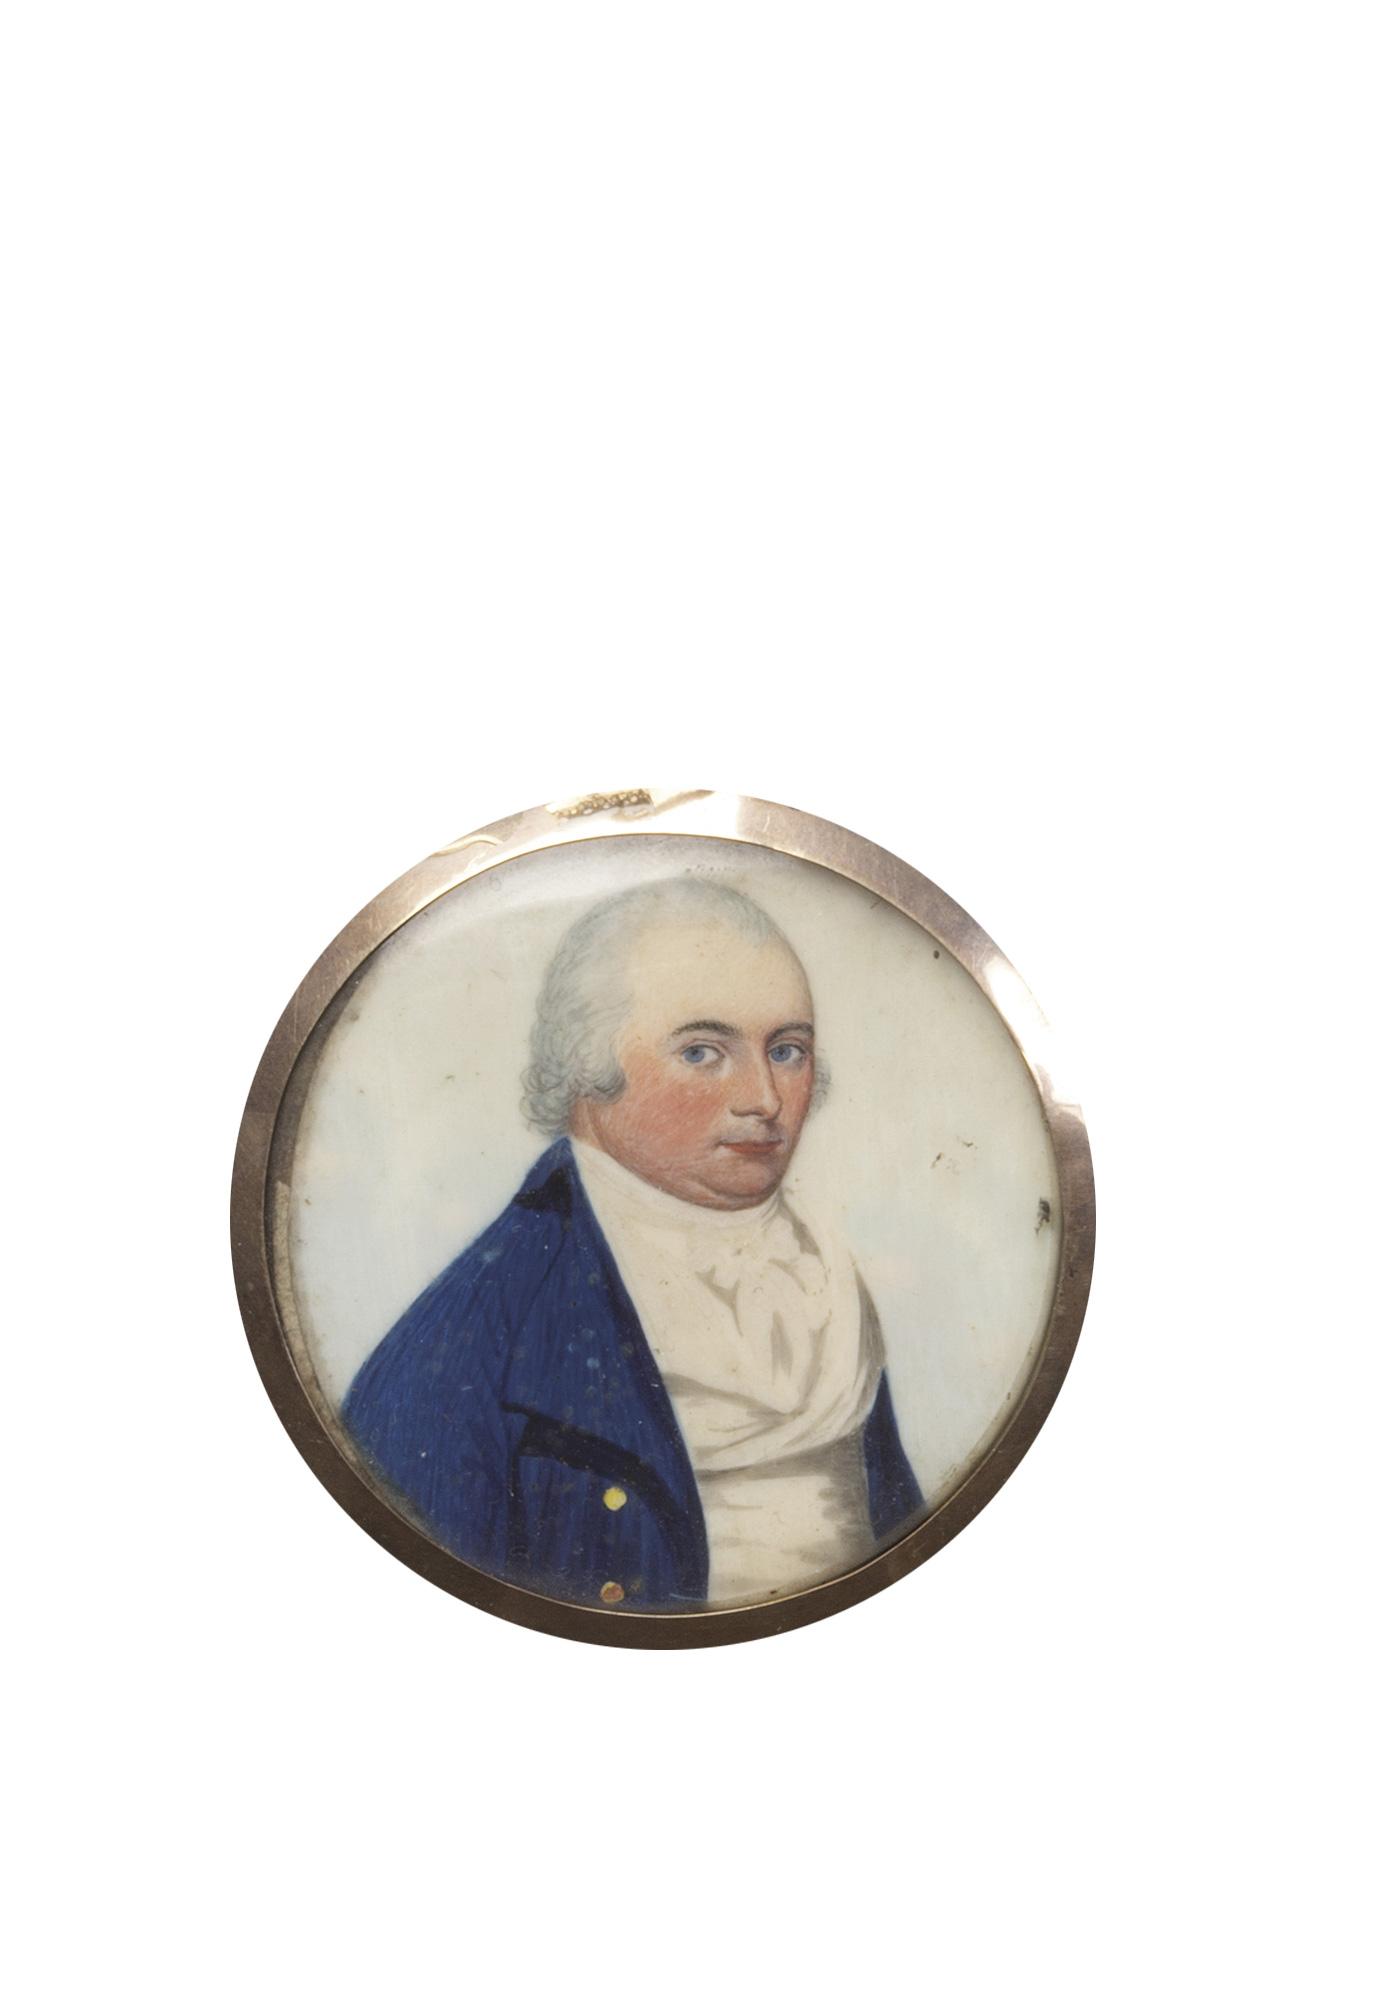 Quattro miniature su avorio raffiguranti ritratti di gentiluomini a mezzo busto